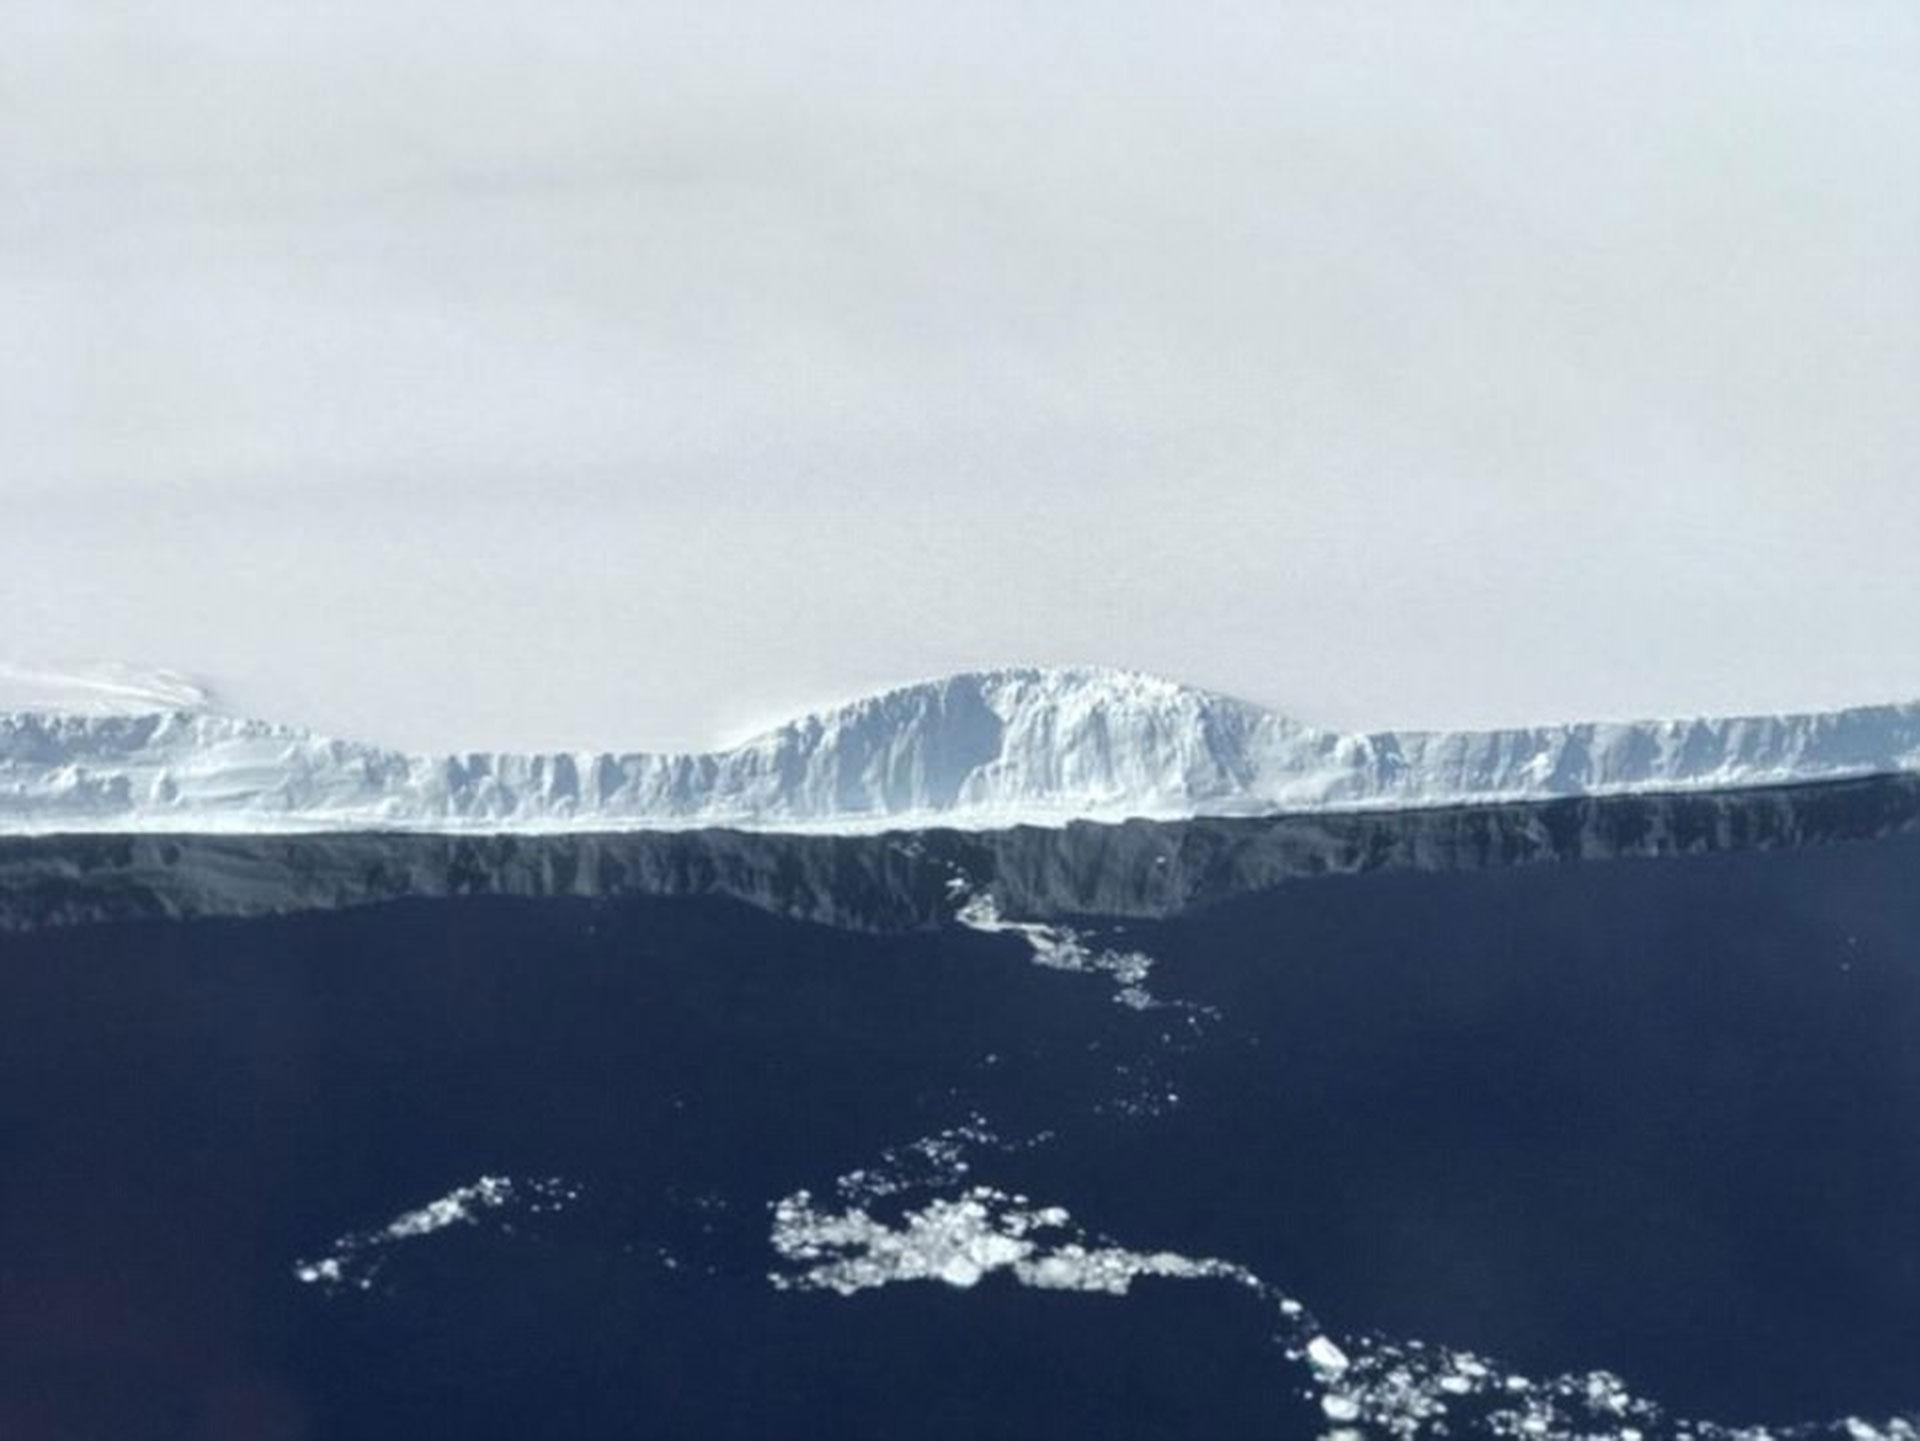 Imagen del A68, el bloque de hielo que se desprendió de la plataforma Larsen C en julio de 2017 (NASA)